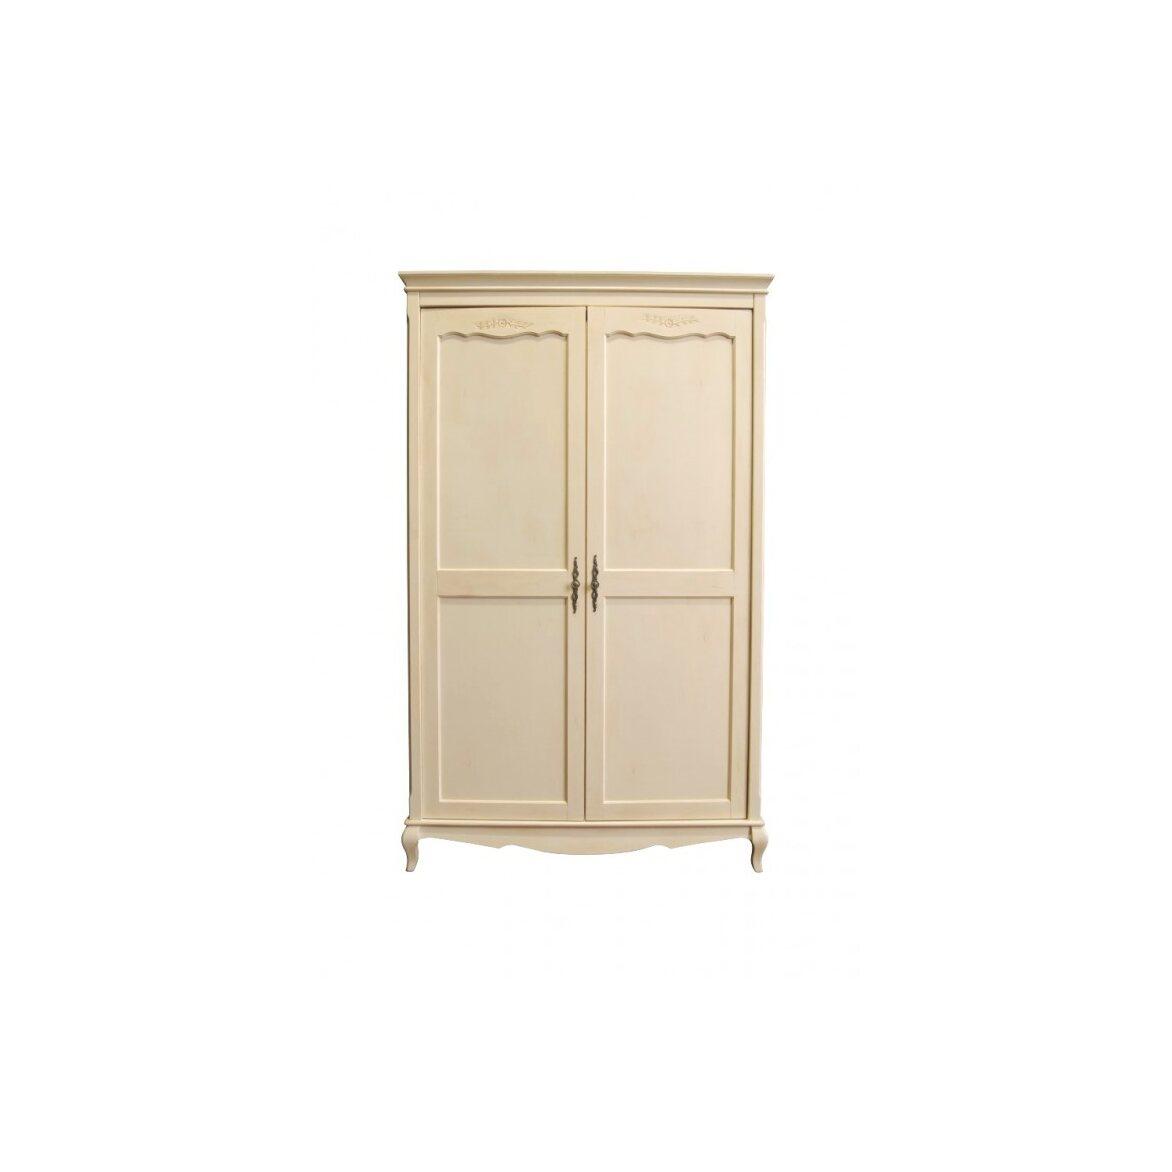 Платяной шкаф двухстворчатый Leontina, бежевого цвета 3   Платяные шкафы Kingsby